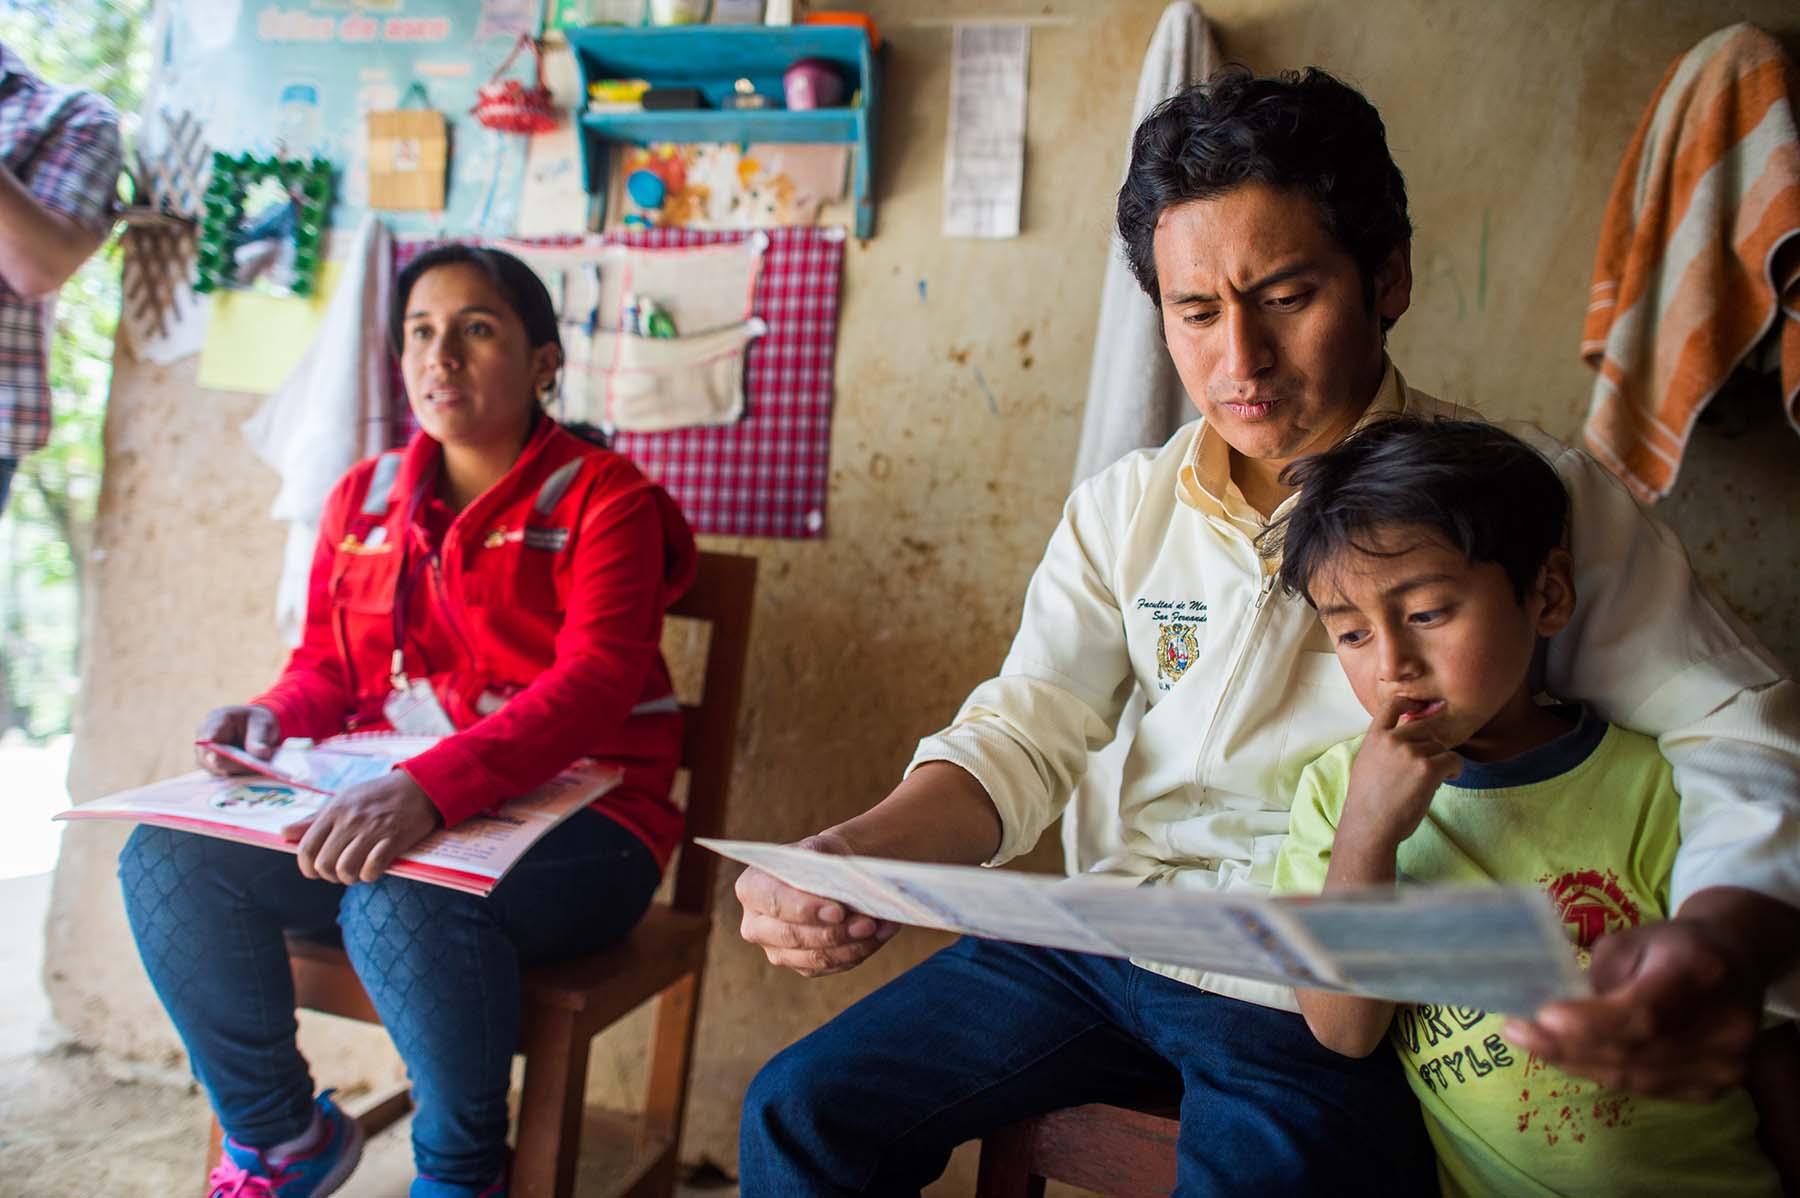 照片中医护人员在家访时一边与母亲聊天一边回顾孩子的成长情况。(秘鲁,Sogobamba)